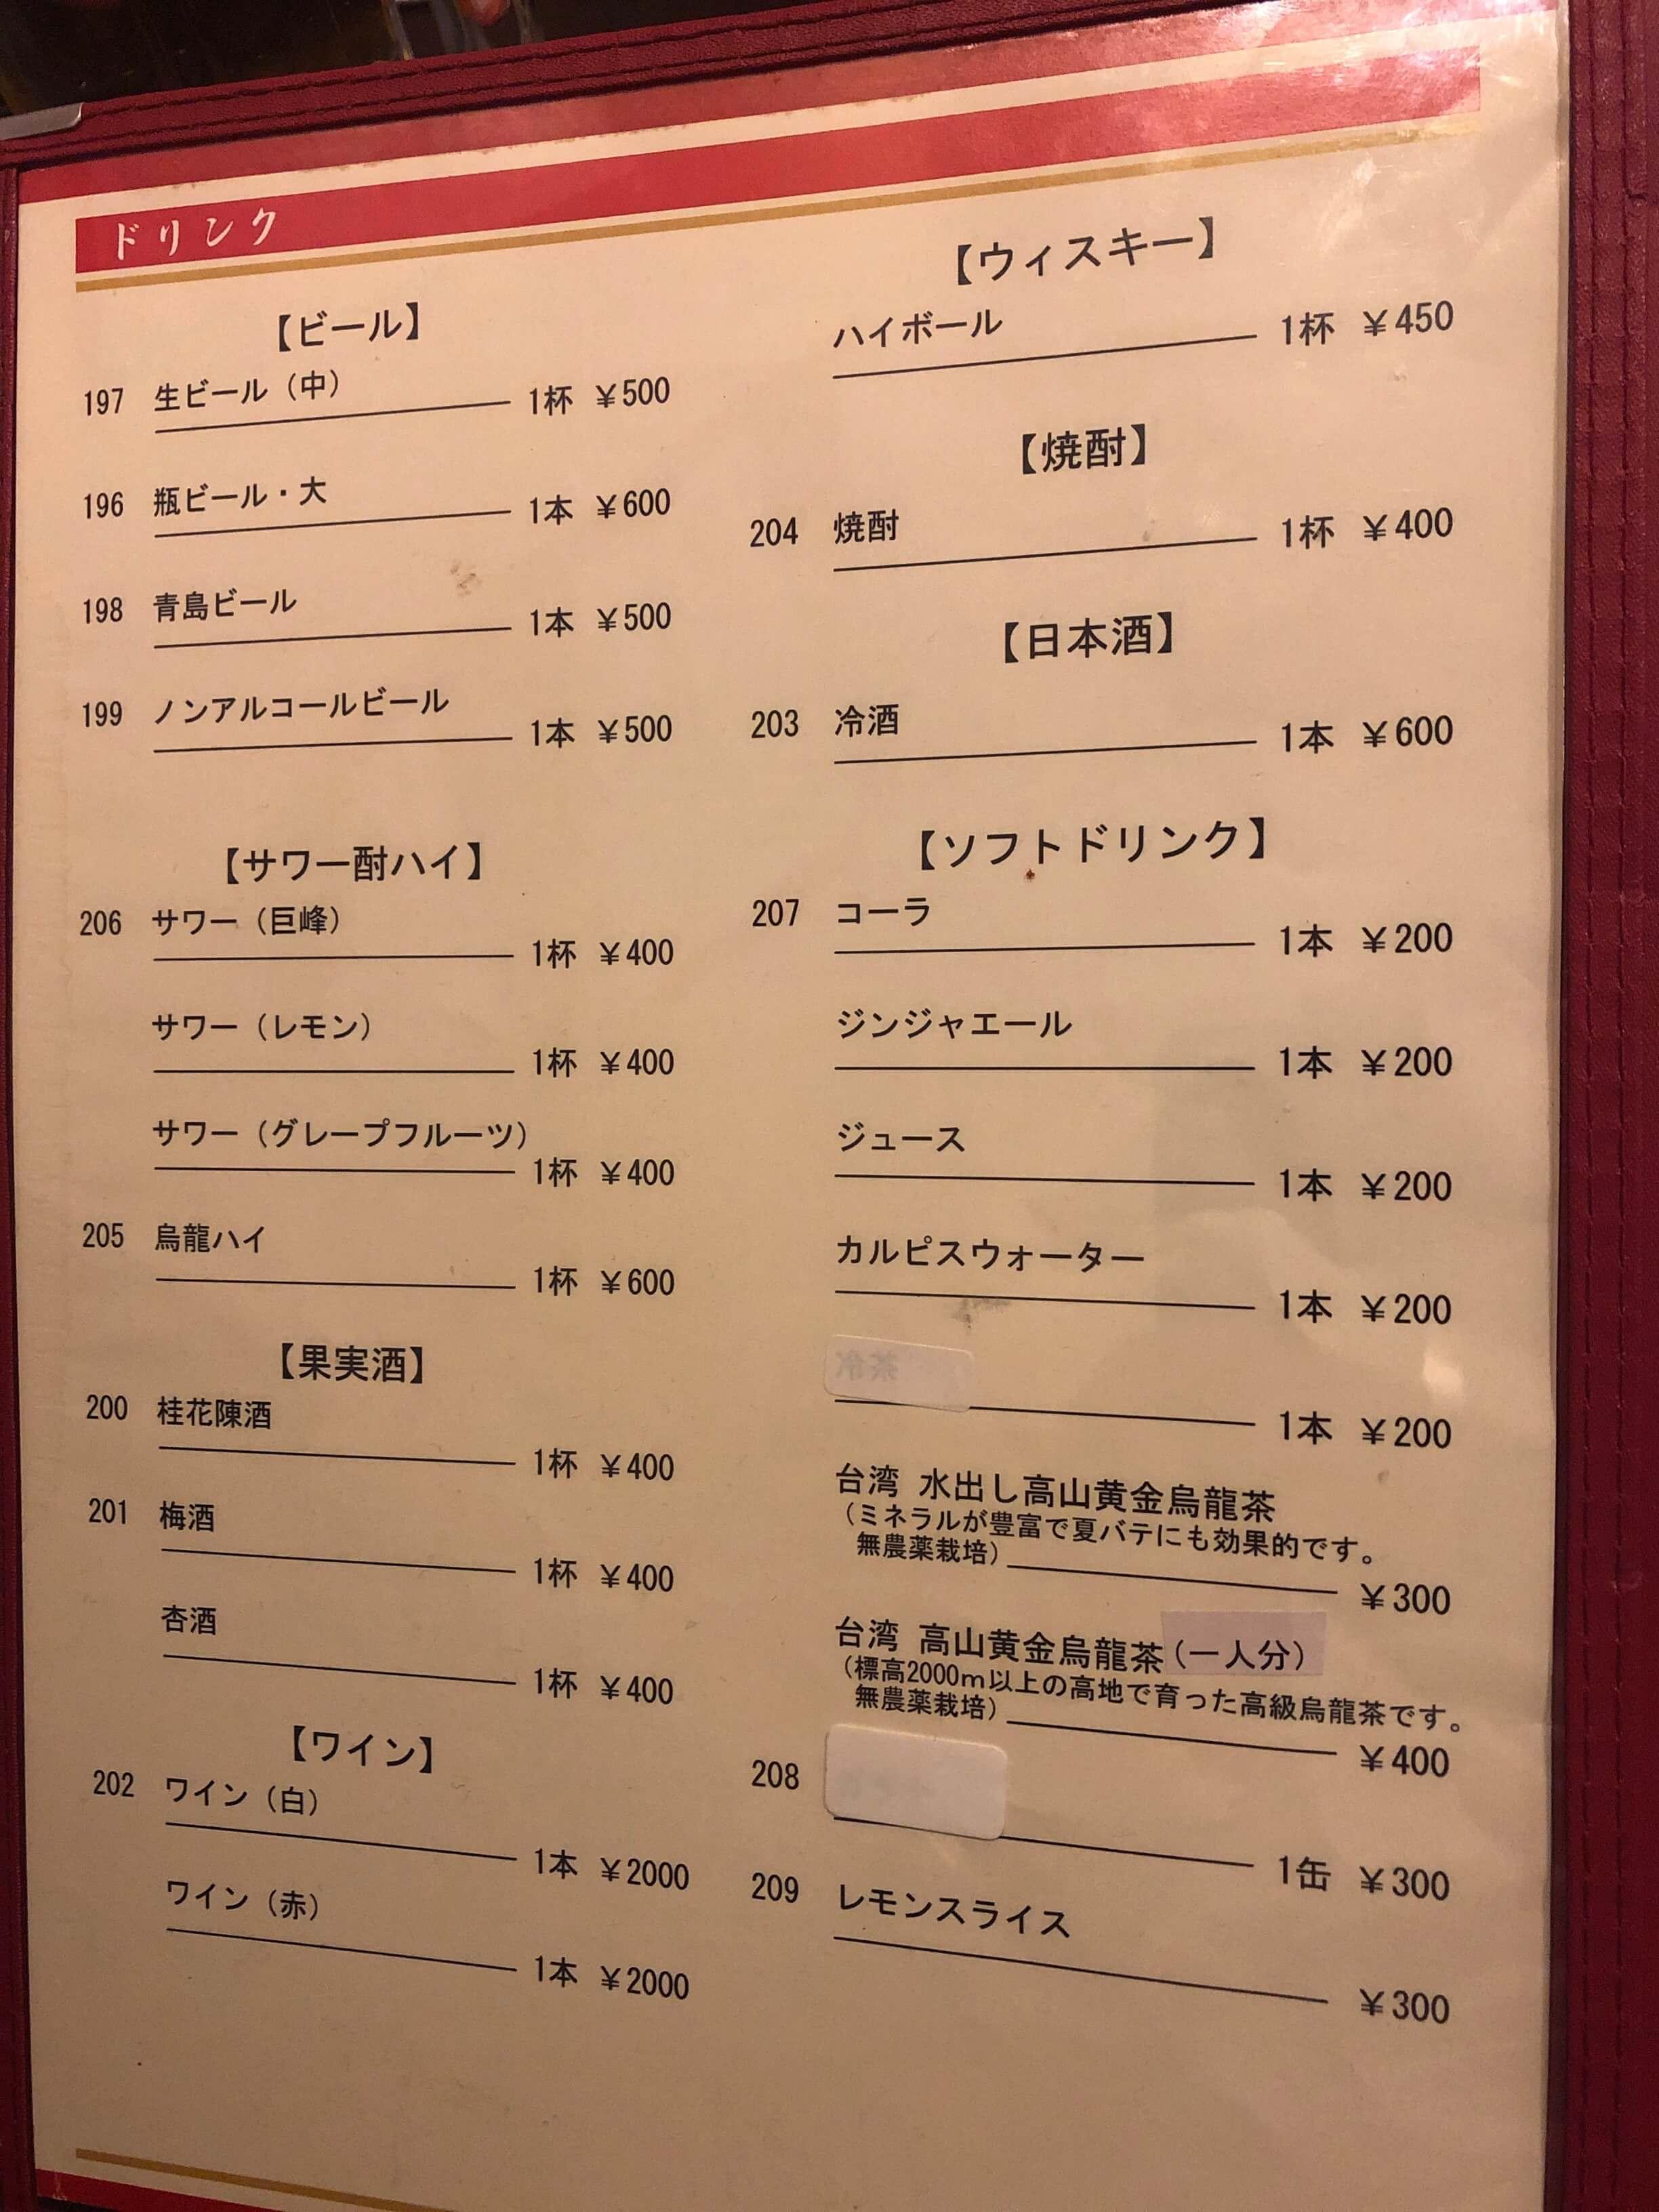 山東2号店 メニュー 2019.05.21